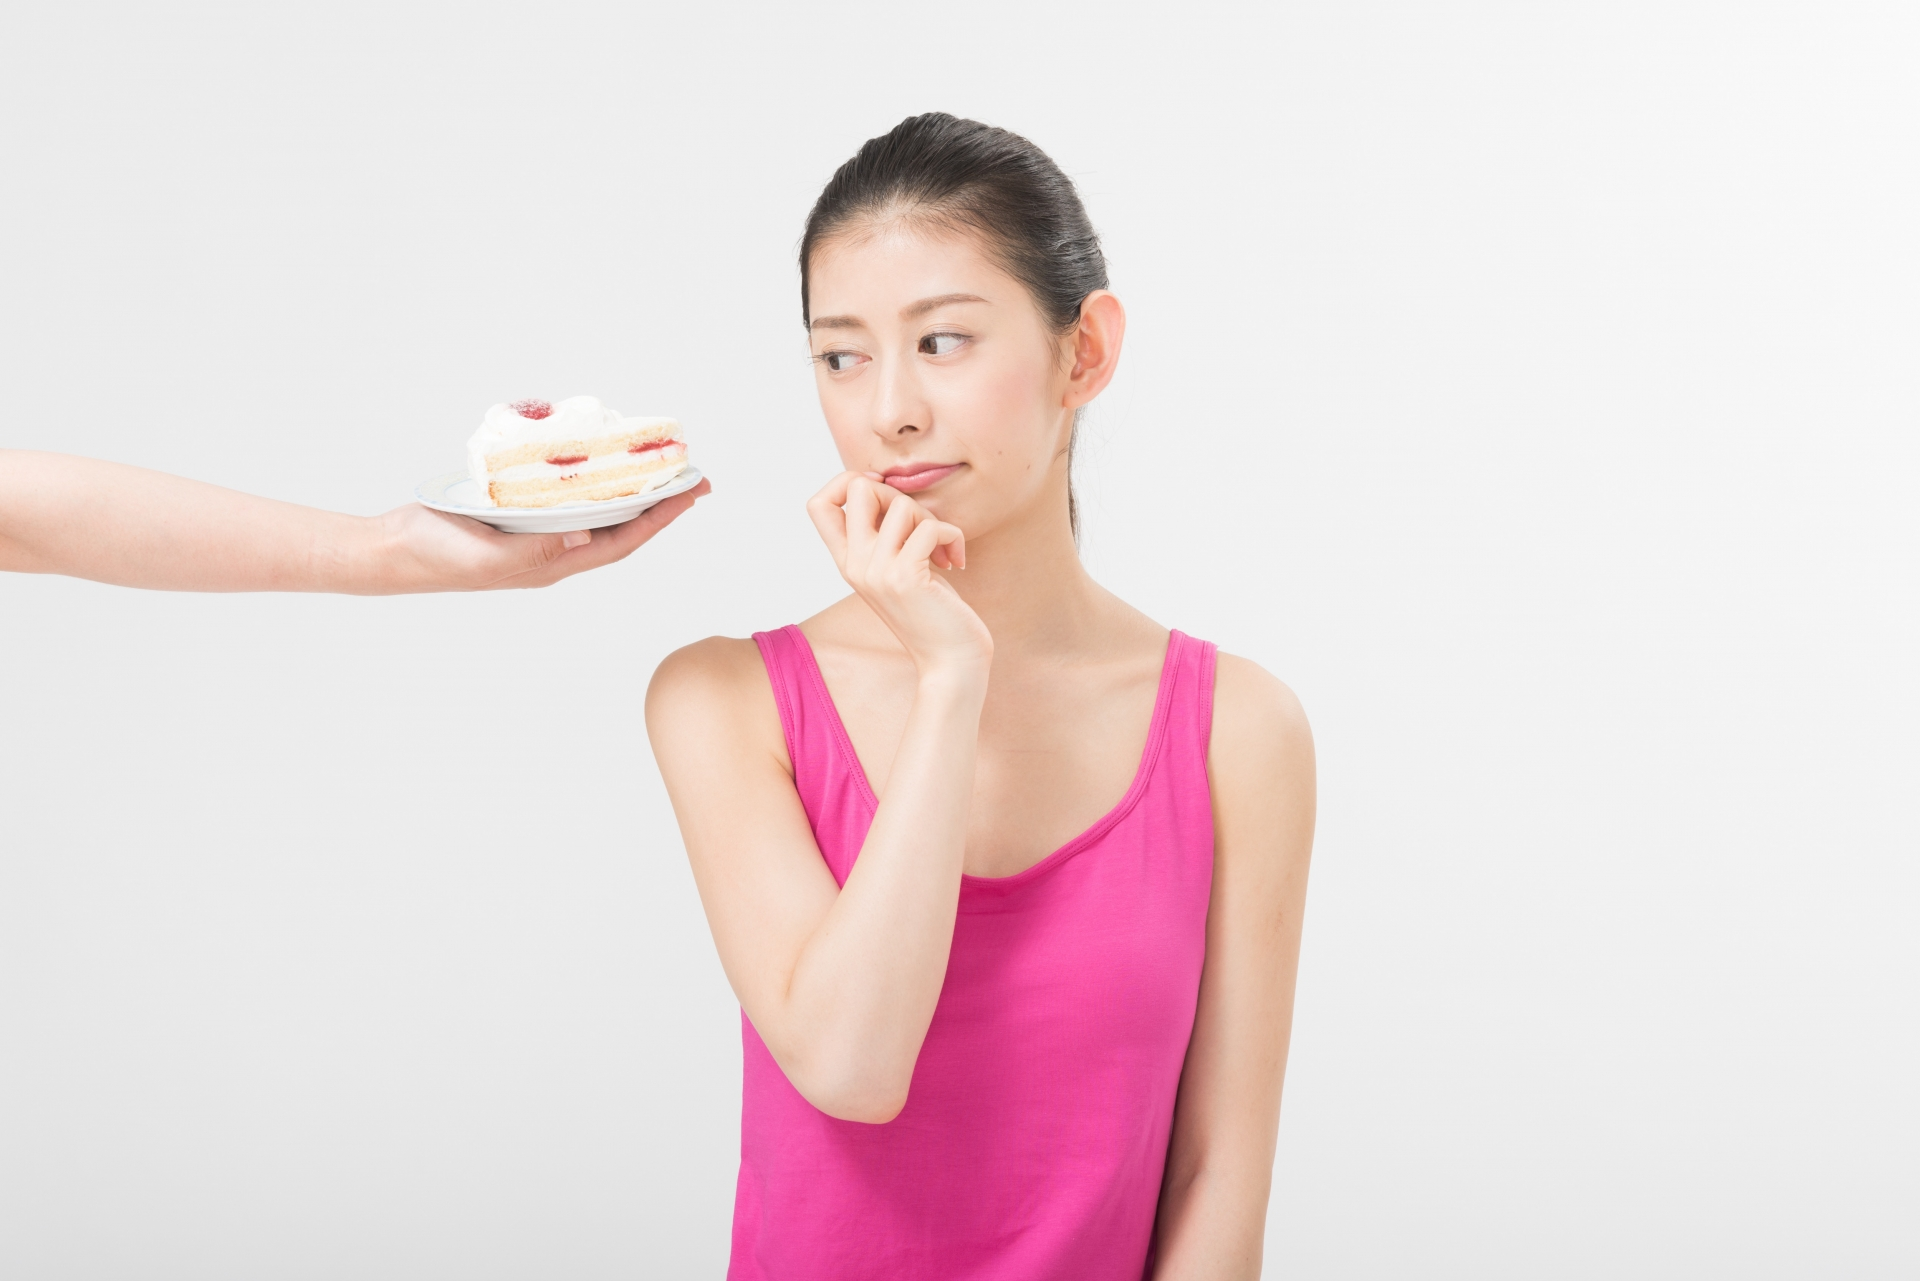 冬に食欲がアップする理由と太らないための対策